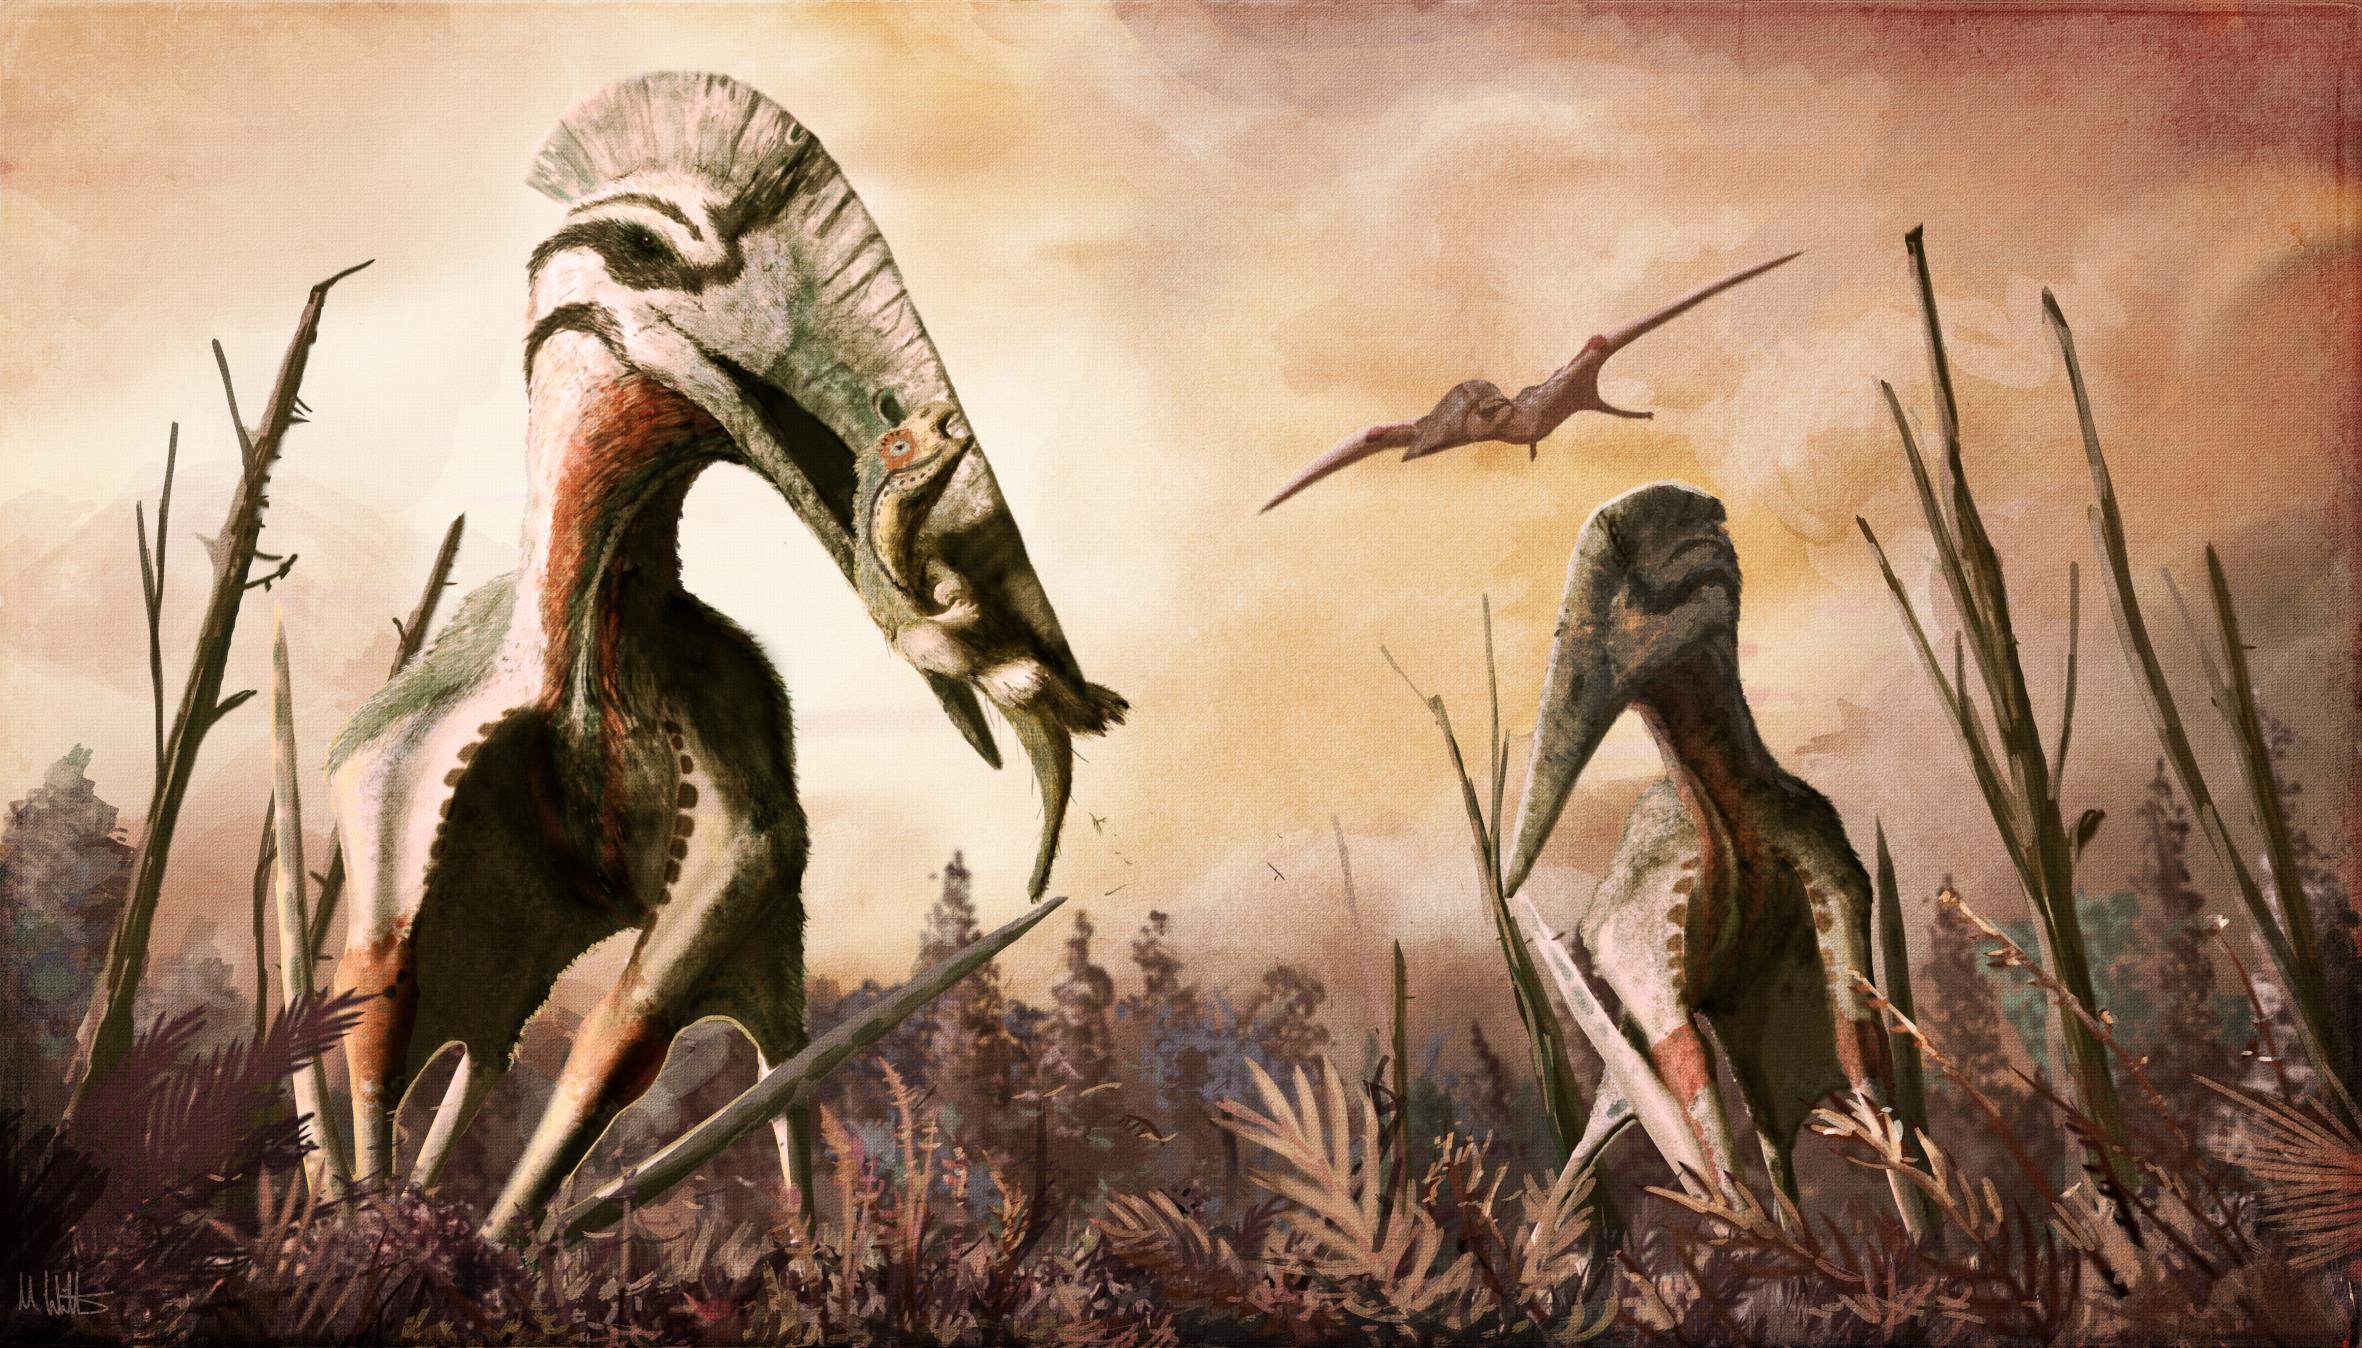 La ricostruzione digitale del Pterosauro